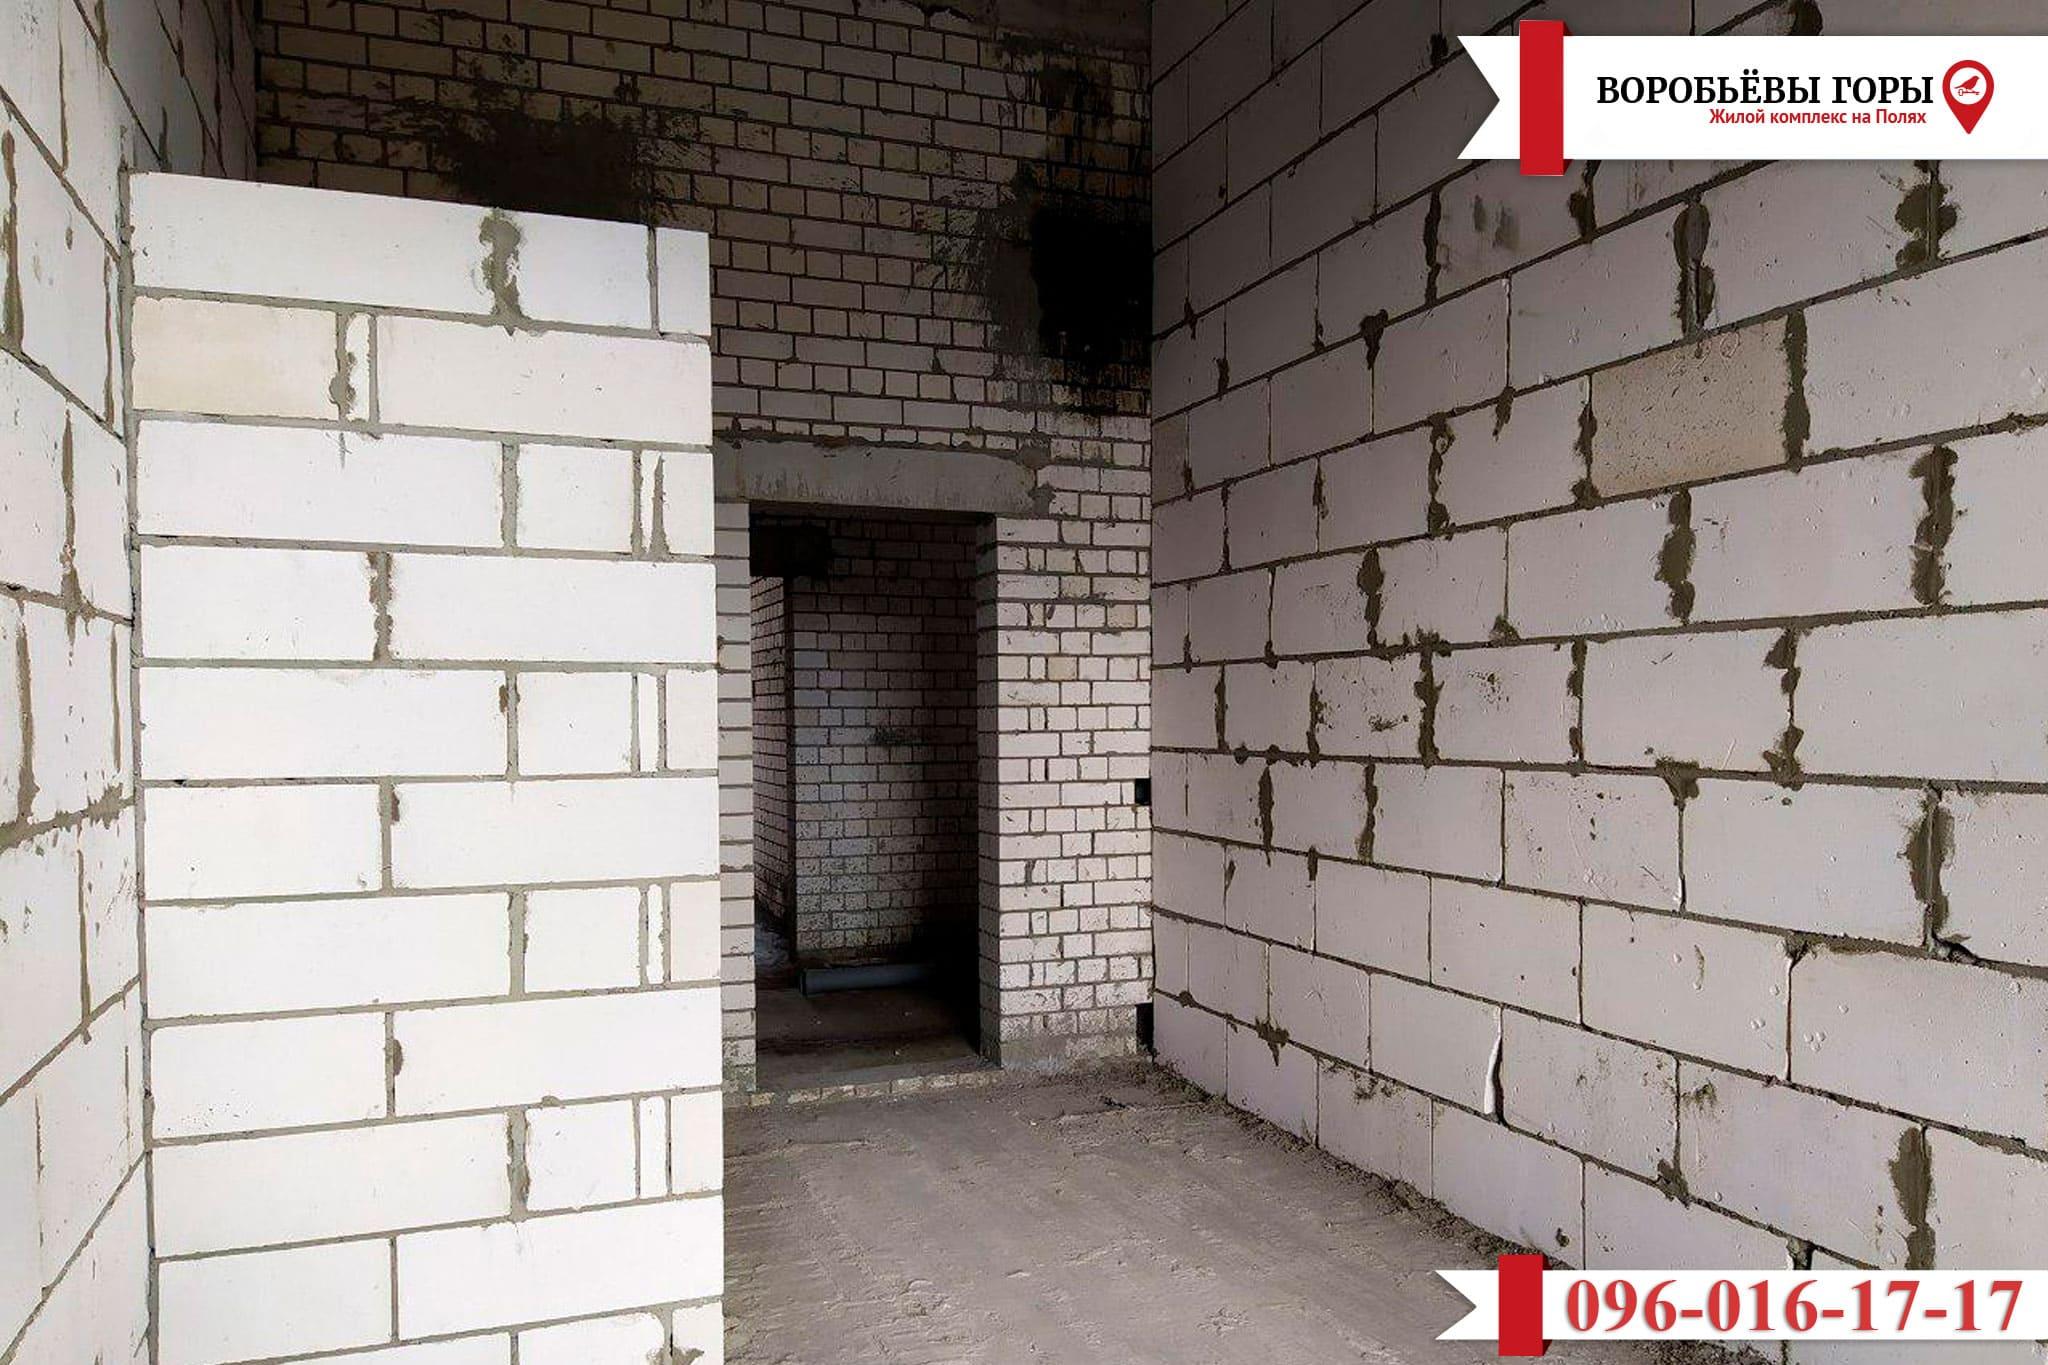 Последние новости о строительстве ЖК «Воробьевы Горы на Полях»